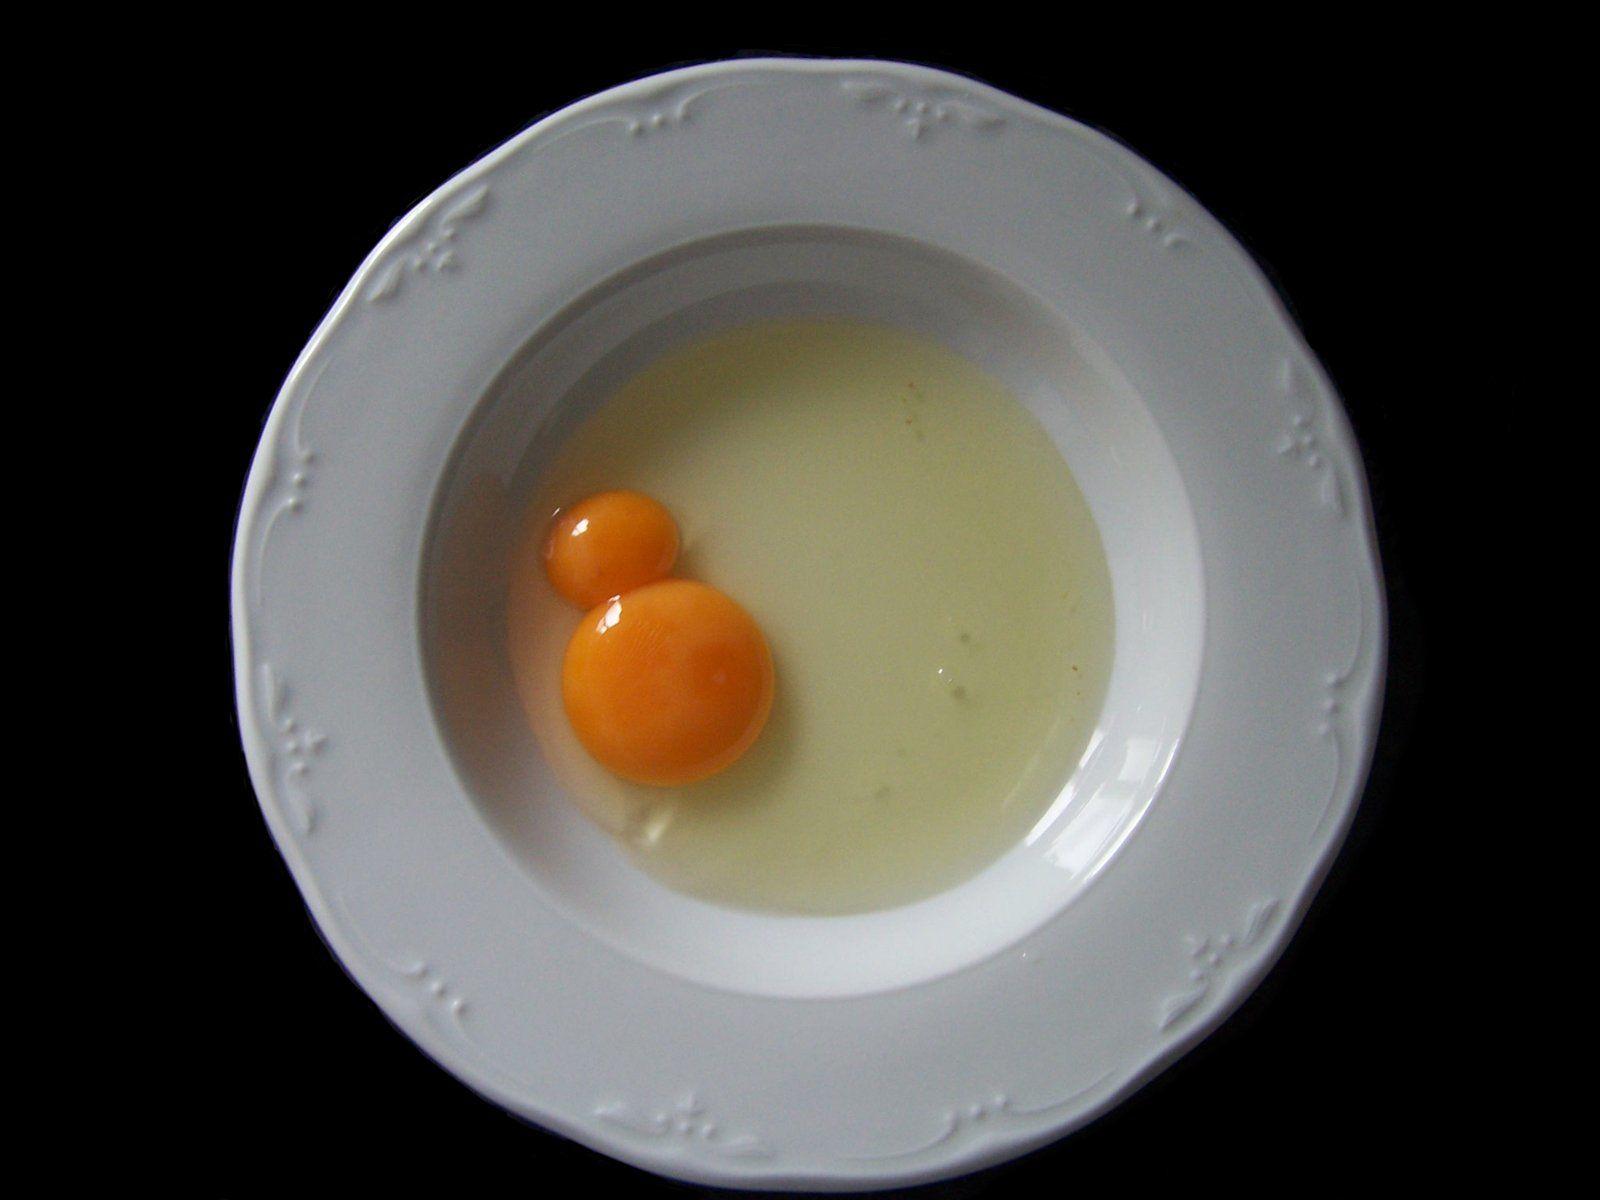 4. Ibu hamil tidak boleh makan telur kuning telur ganda dari satu cangkang